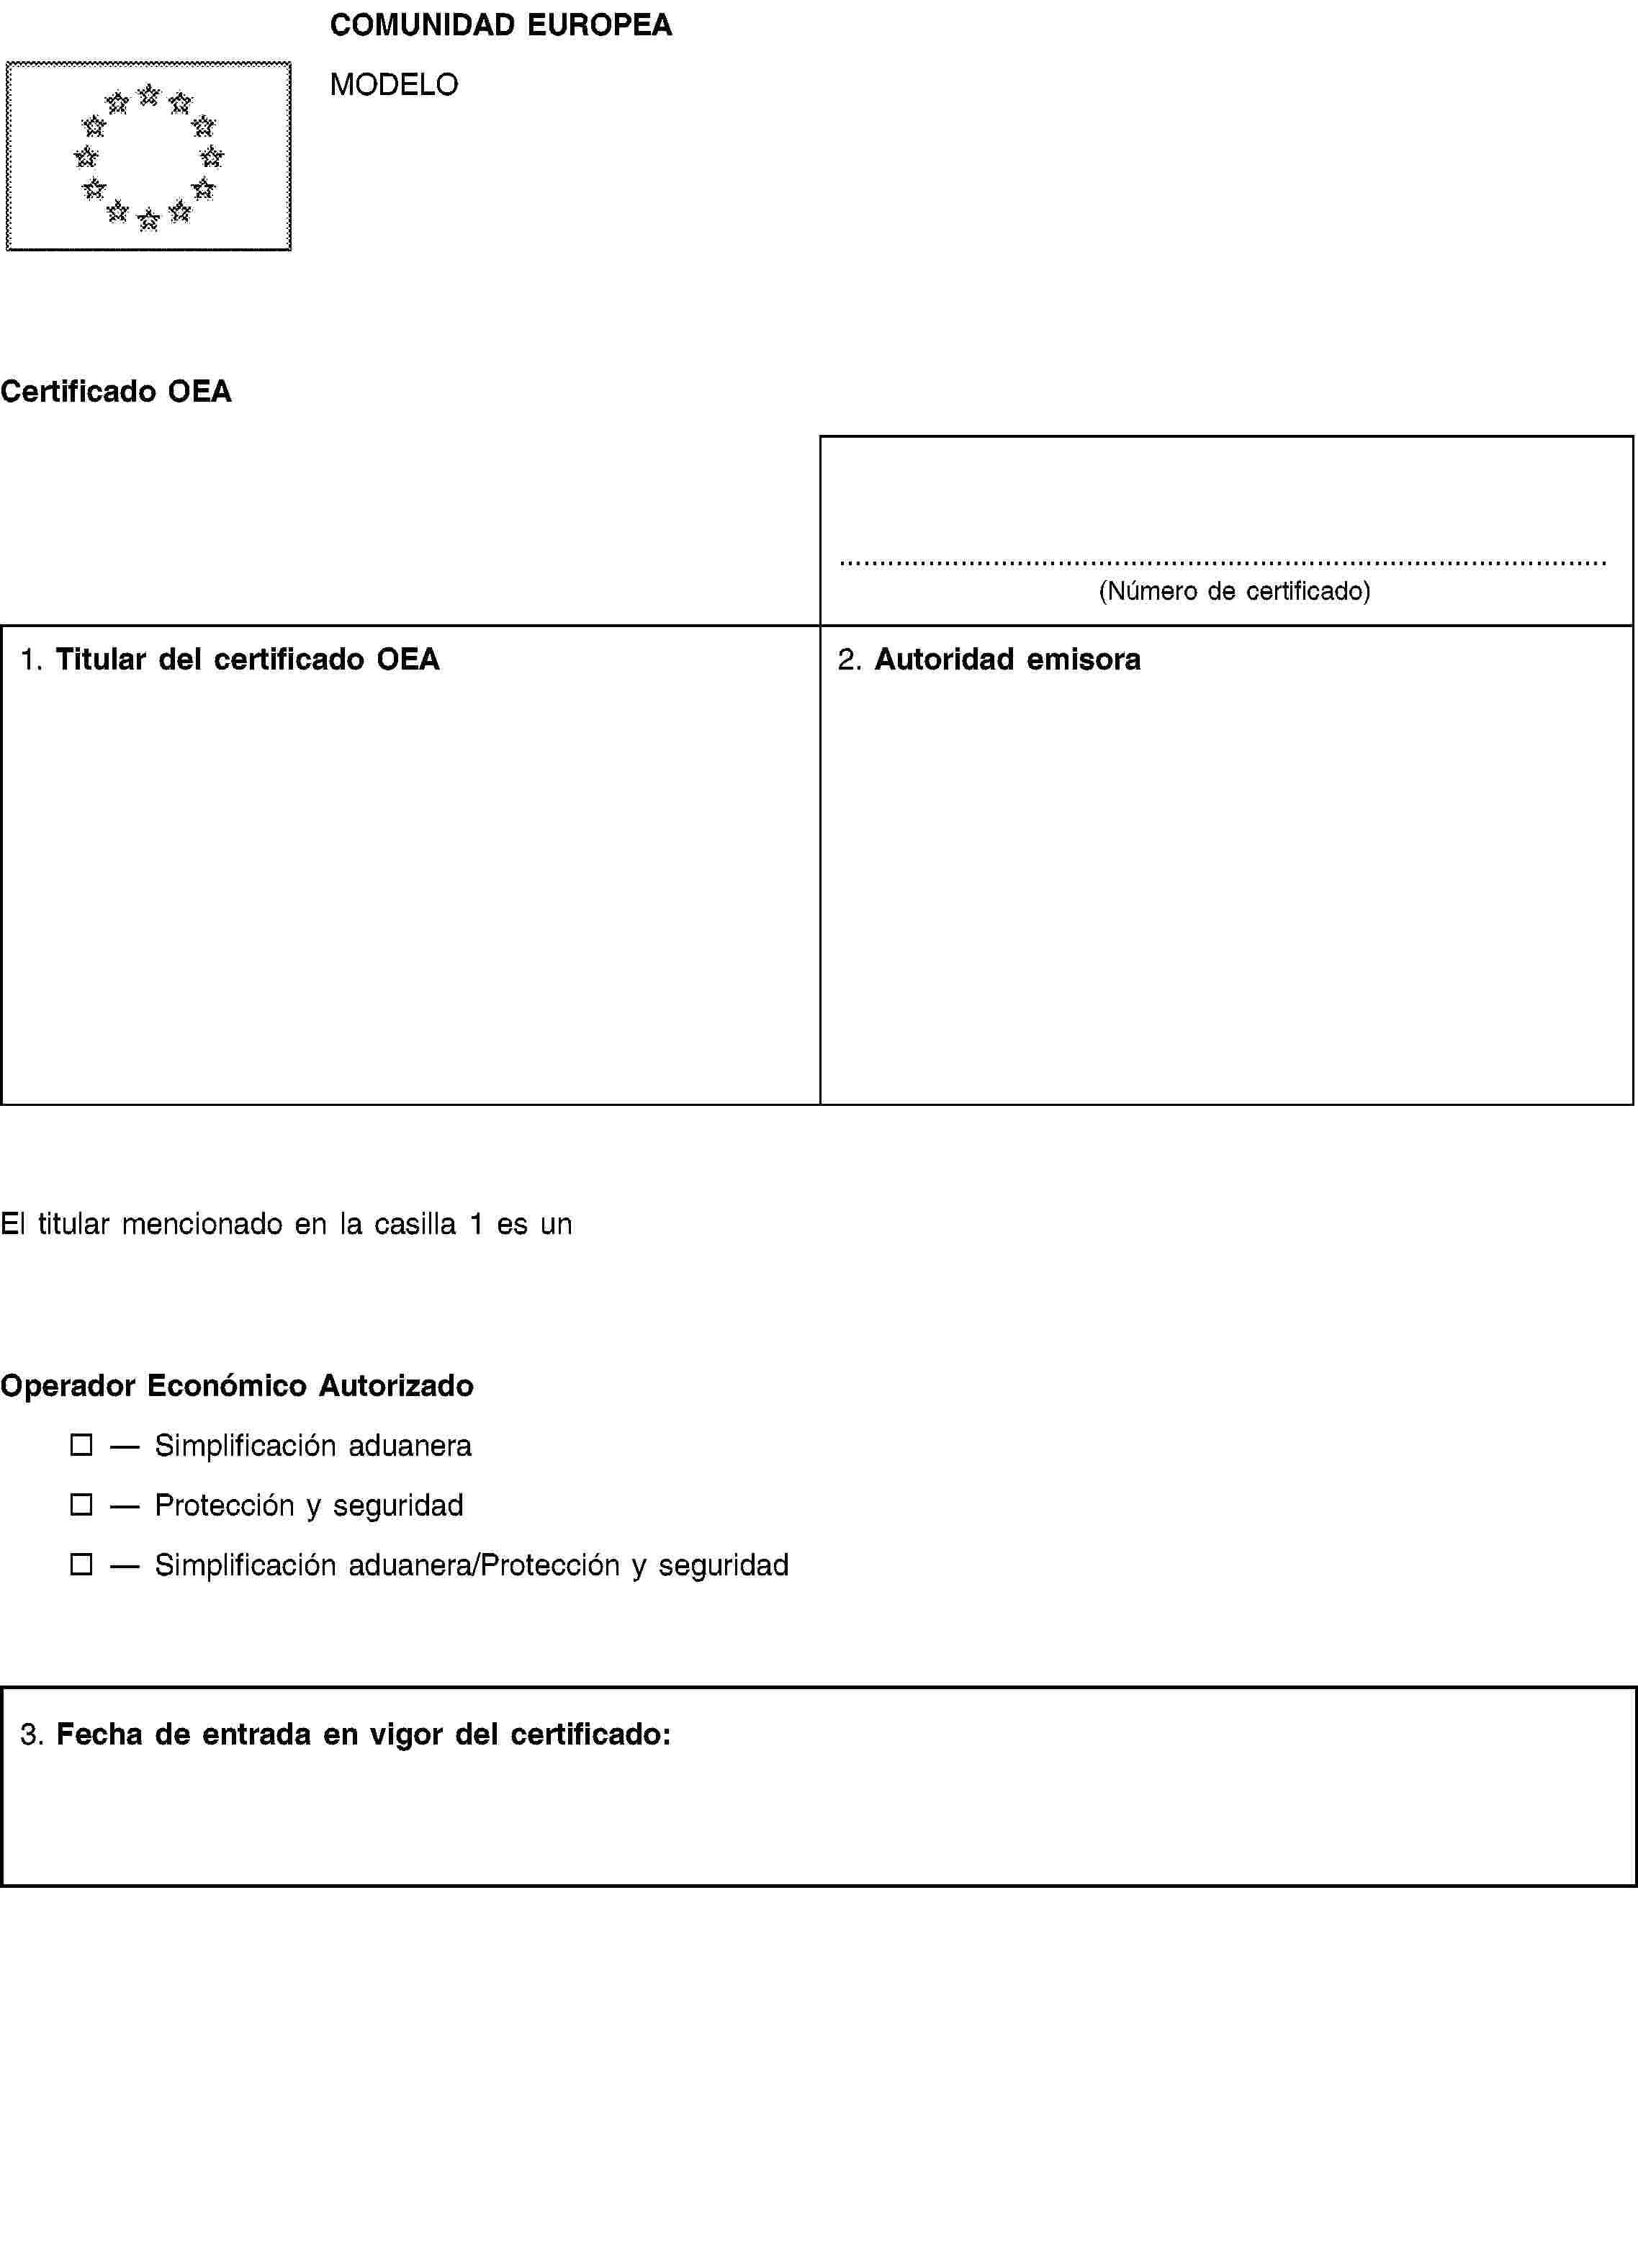 Calendario Argentina 2019 Para Imprimir Recientes Eur Lex R2454 En Eur Lex Of Calendario Argentina 2019 Para Imprimir Más Populares Calendario Agosto 2018 Calendario 2017 Pinterest